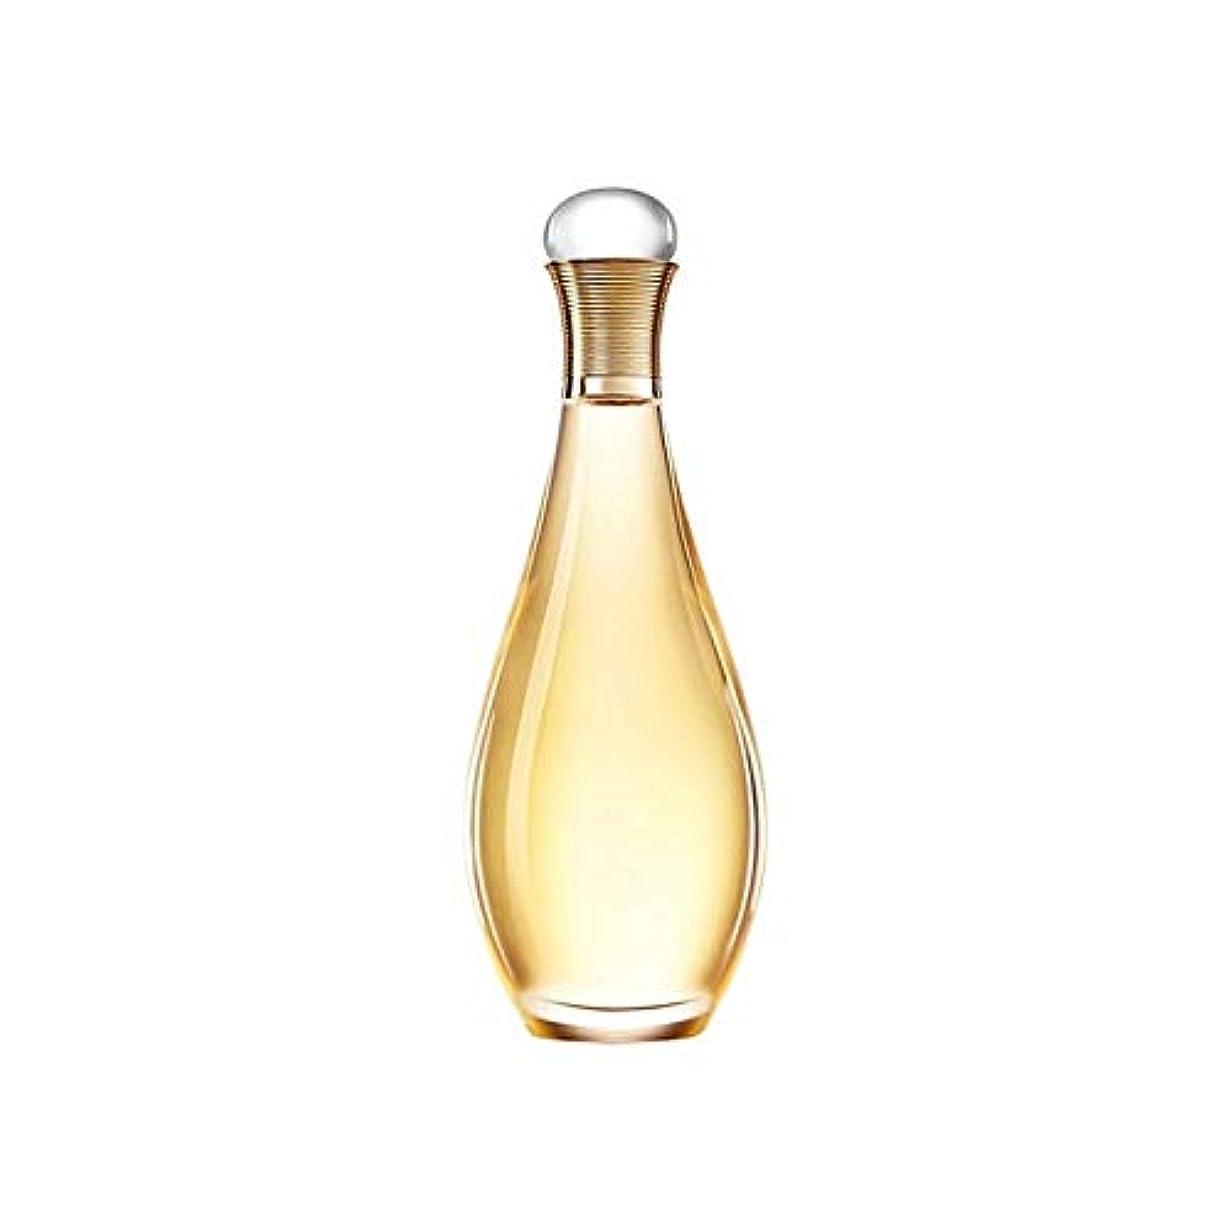 膨らませるお母さんブラザー[Dior ] ディオールジャドールのHuile神のバス&ボディオイル200ミリリットル - Dior J'Adore Huile Divine Bath & Body Oil 200ml [並行輸入品]